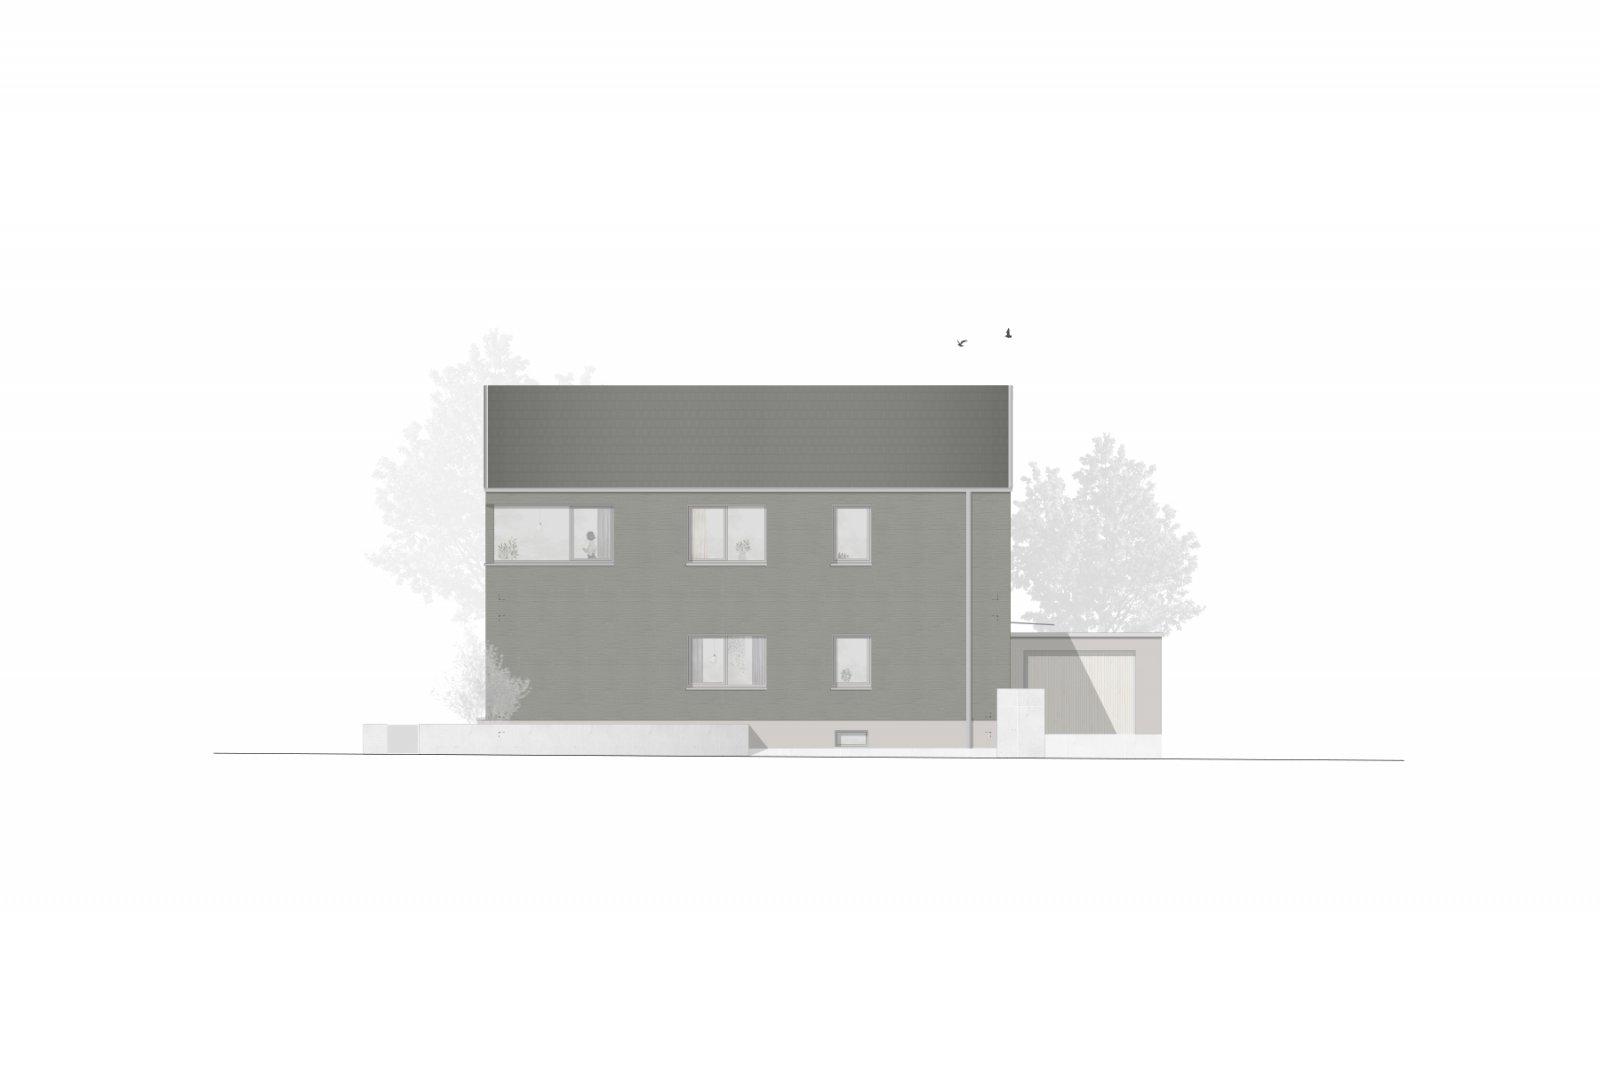 Color : Brown, Size : 60x60cm /Überdachung Haust/ür Vordach T/ürdach Haust/ürvordach Schlagfest PC-Ausdauerplatine Patio-Regen-Markisen-Abdeckung Best/ändig Gegen Alle Wetterelemente